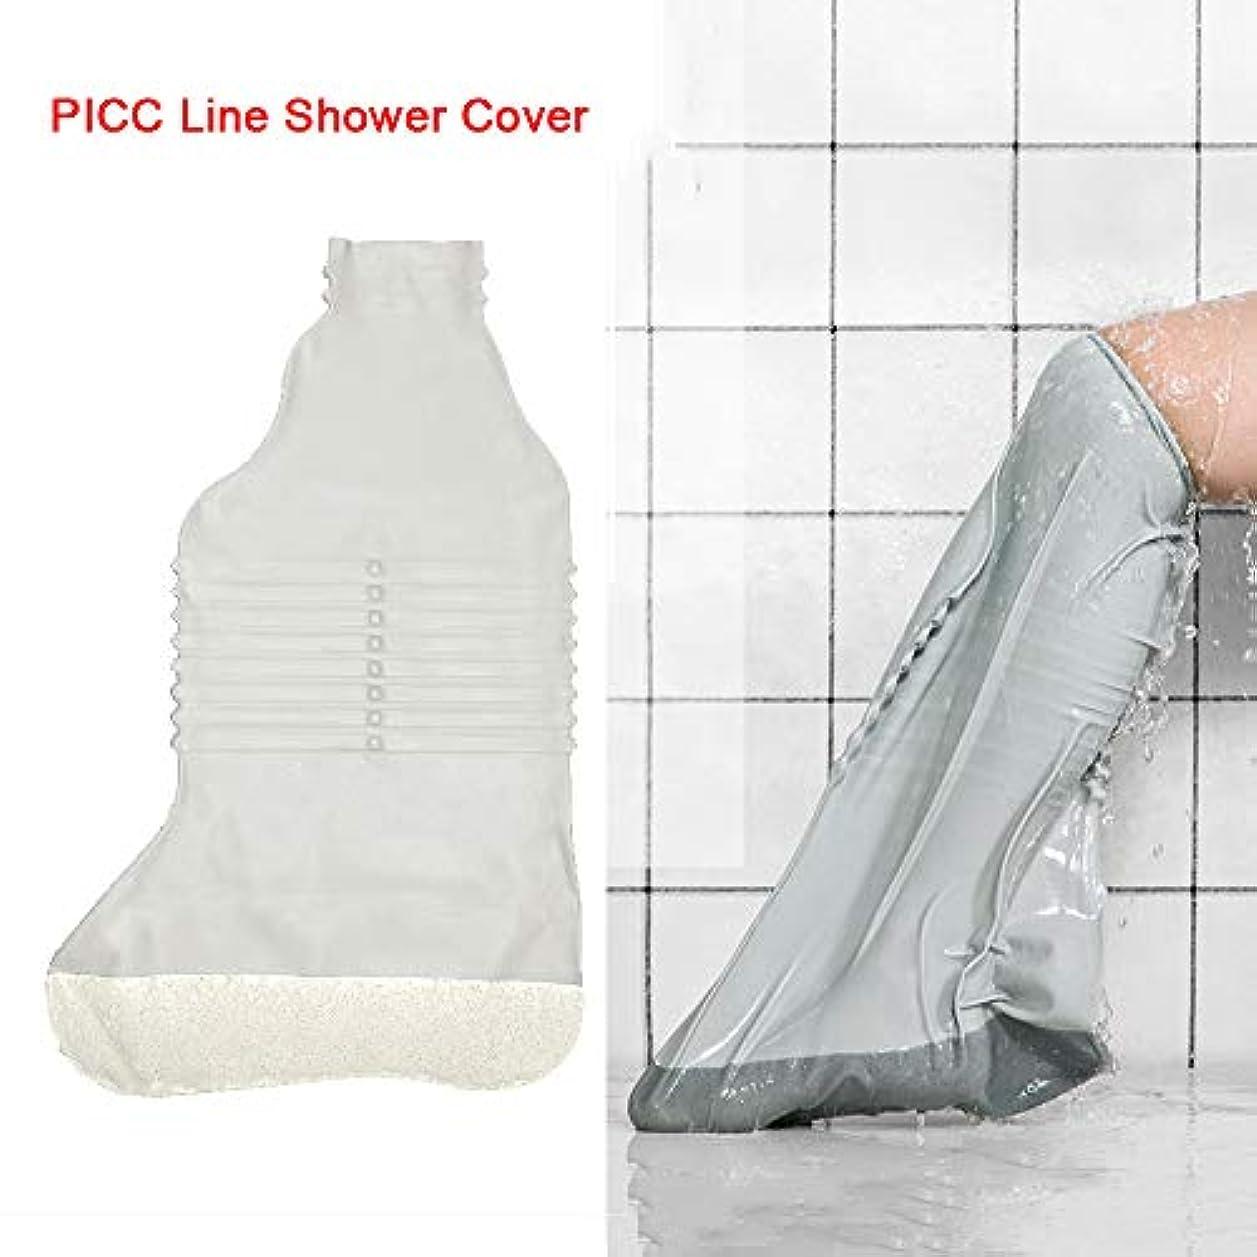 集計慈悲深い限定PICCラインシャワーカバー、  PICCは、創傷防水看護キット肘術後の創傷火傷スイム防水ケース(ハンド/フット)